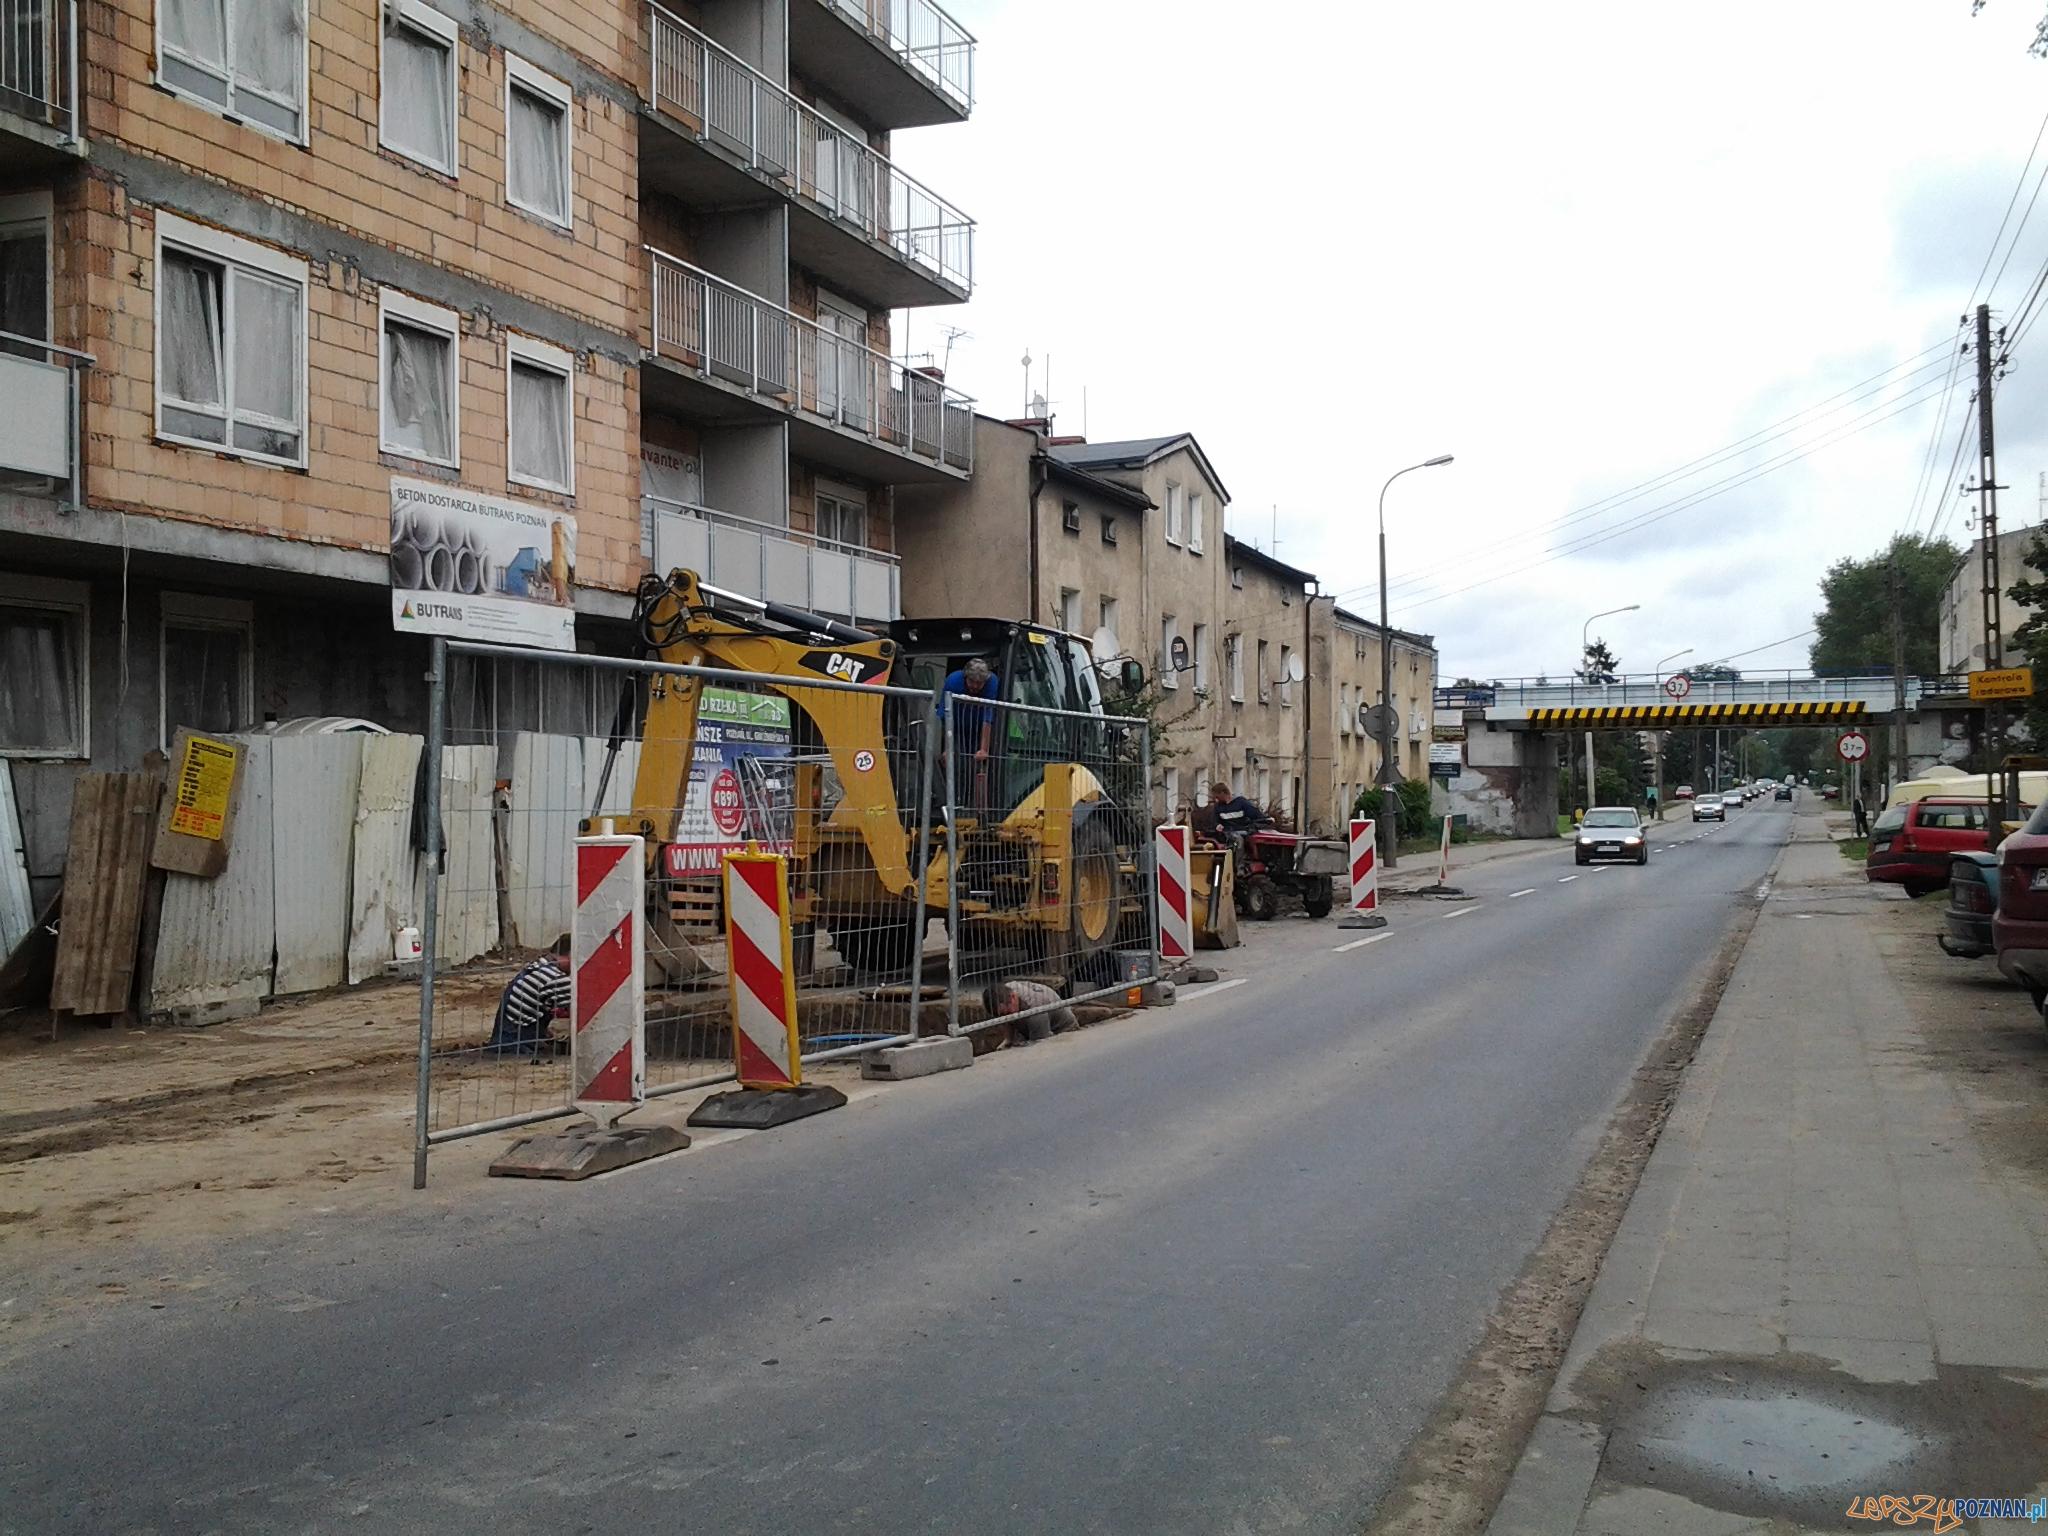 Zwężenie na Gnieźnieńskiej  Foto: lepszyPOZNAN.pl / tab